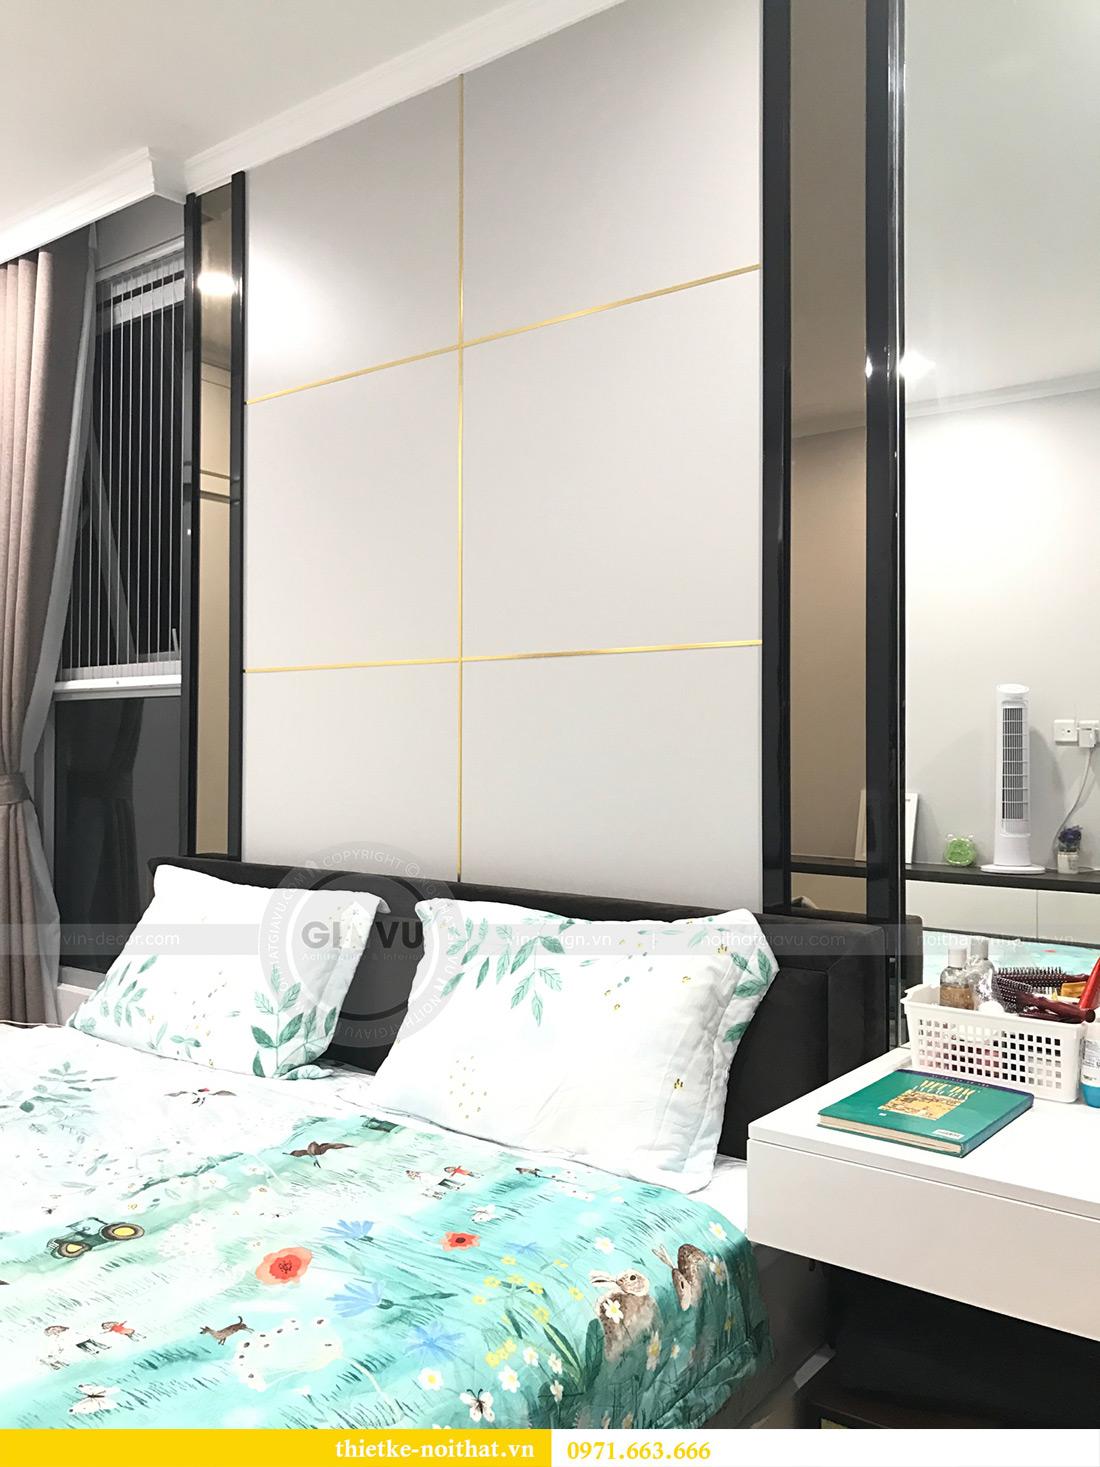 Thi công nội thất chung cư Vinhomes Gardenia tòa A1 căn 03 anh Luân 7